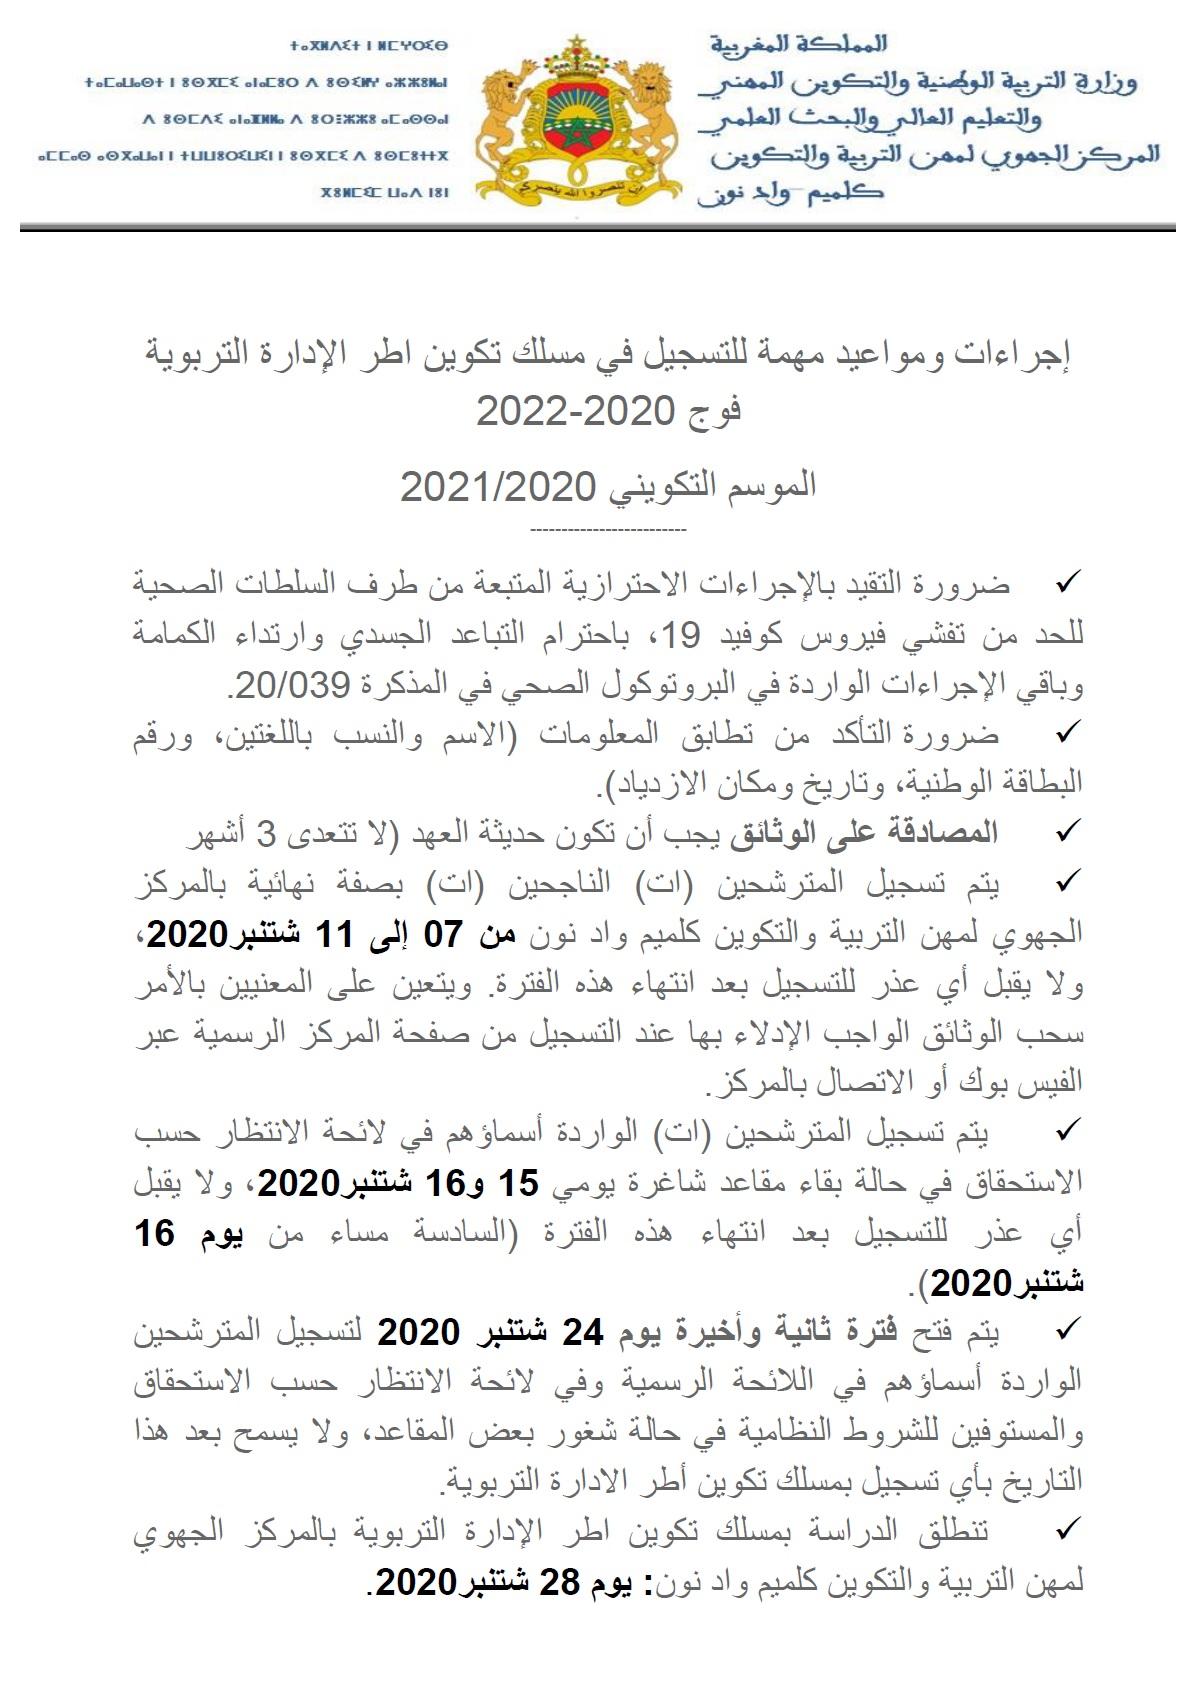 إجراءات ومواعيد مهمة للتسجيل بالمركز الجهوي لمهن التربية والتكوين لجهة كلميم واد نون مسلك تكوين اطر الإدارة التربوية فوج 2020-2022